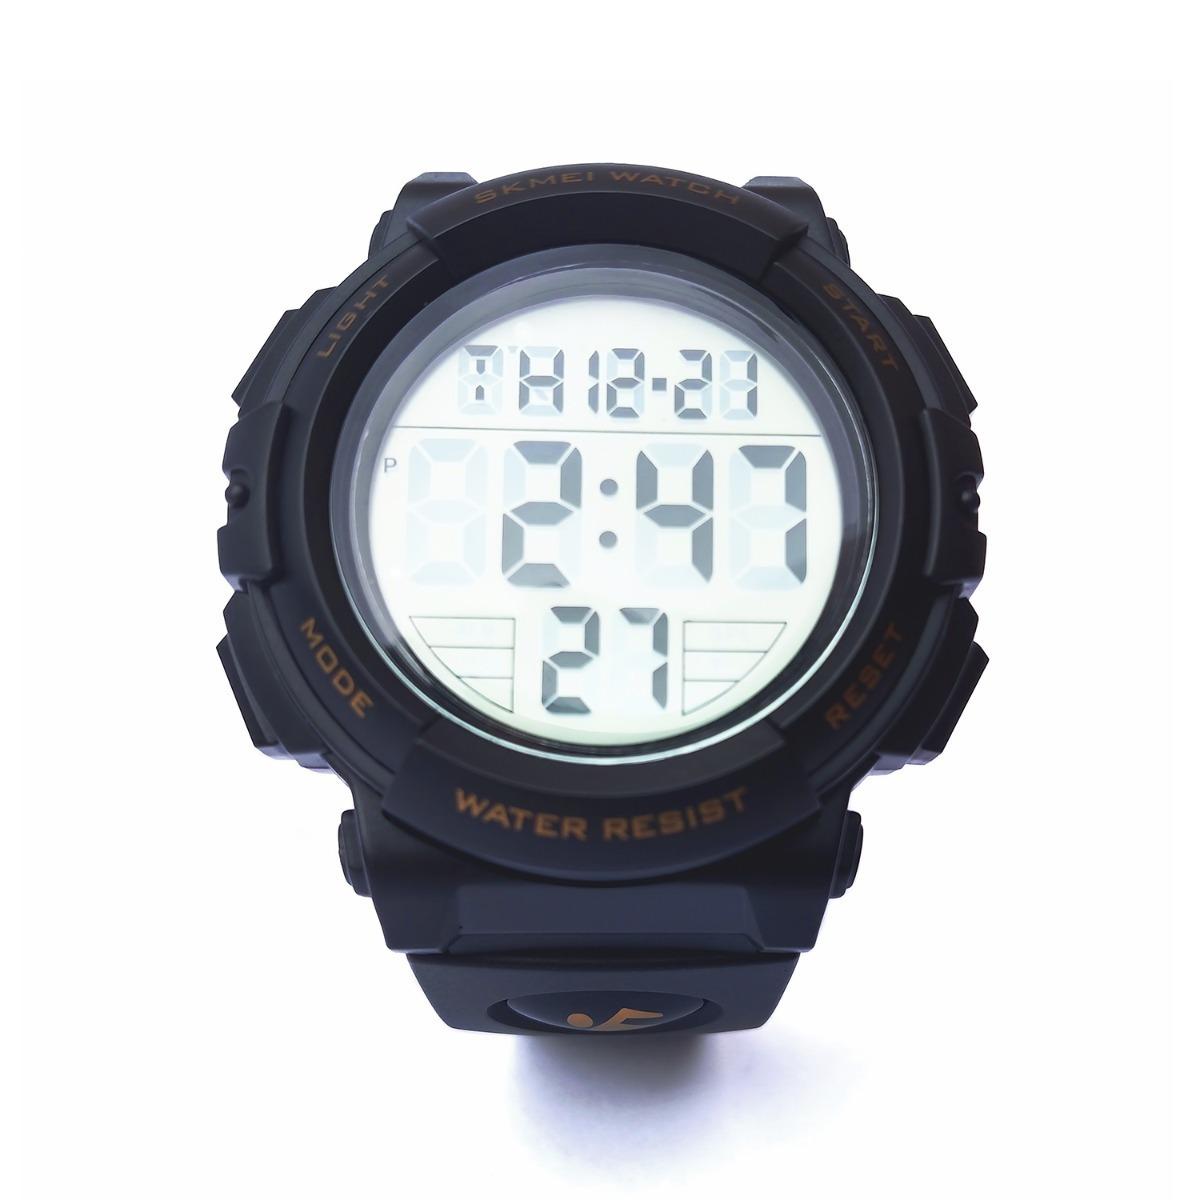 b7e2cfb4133 relógio esportivo digital skmei 1258 amarelo a prova d água. Carregando  zoom.